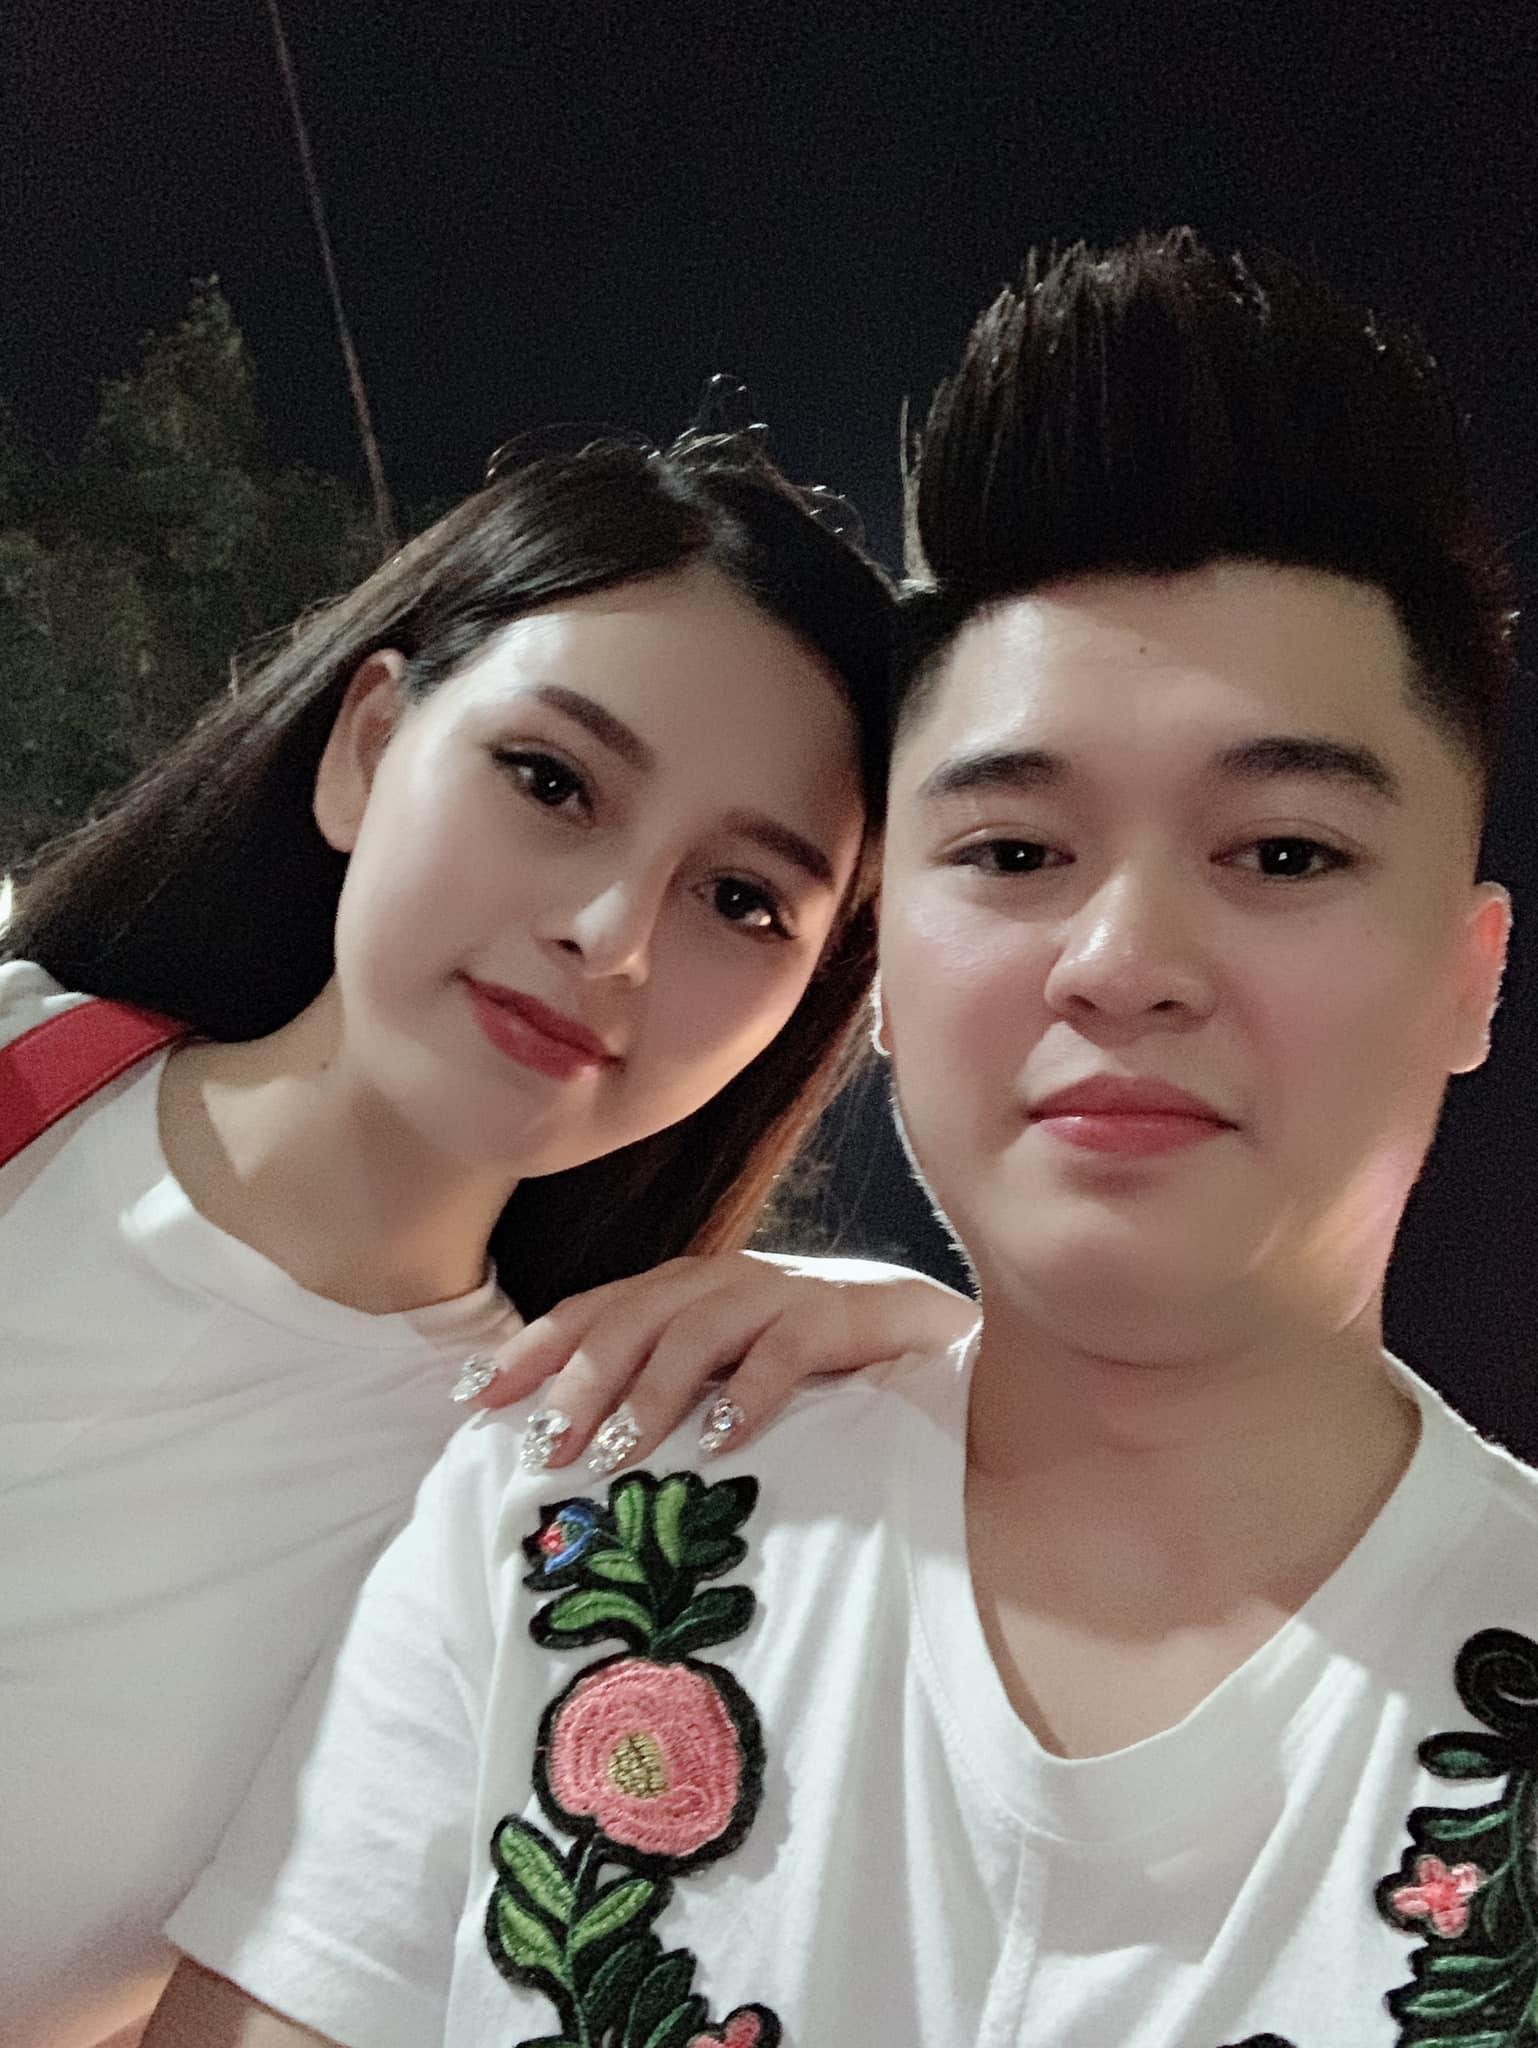 Siêu đám cưới 4 tỷ đồng ở Thái Nguyên: 13 năm bên nhau và niềm hạnh phúc sau bao sóng gió của cô dâu - Ảnh 10.